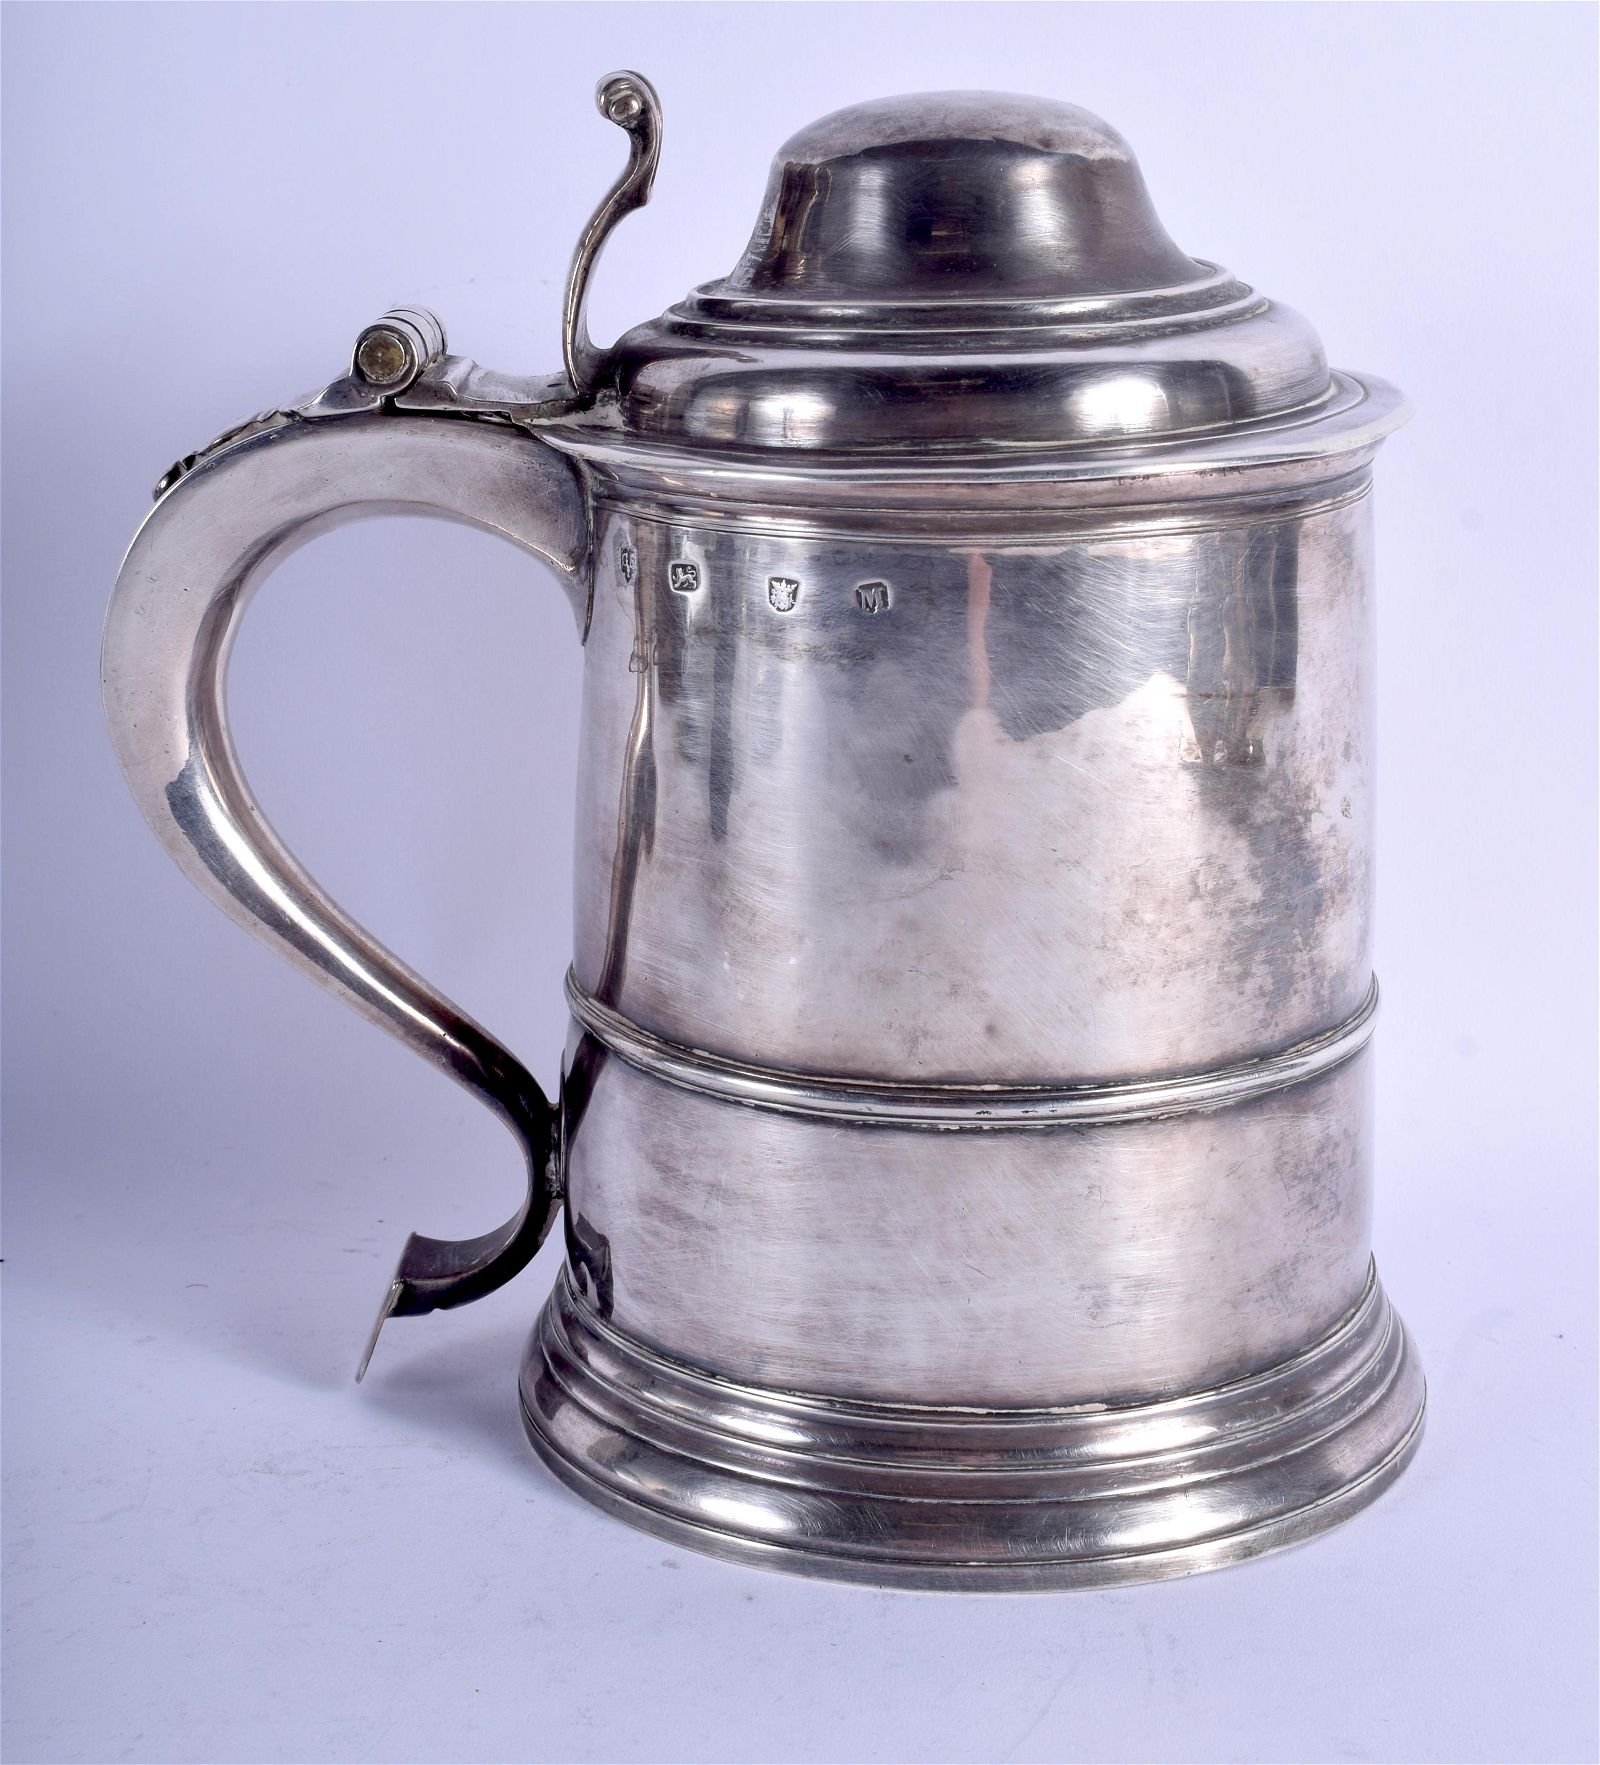 A GEORGE III SILVER STEIN. London 1807. 39.8 oz. 21 cm